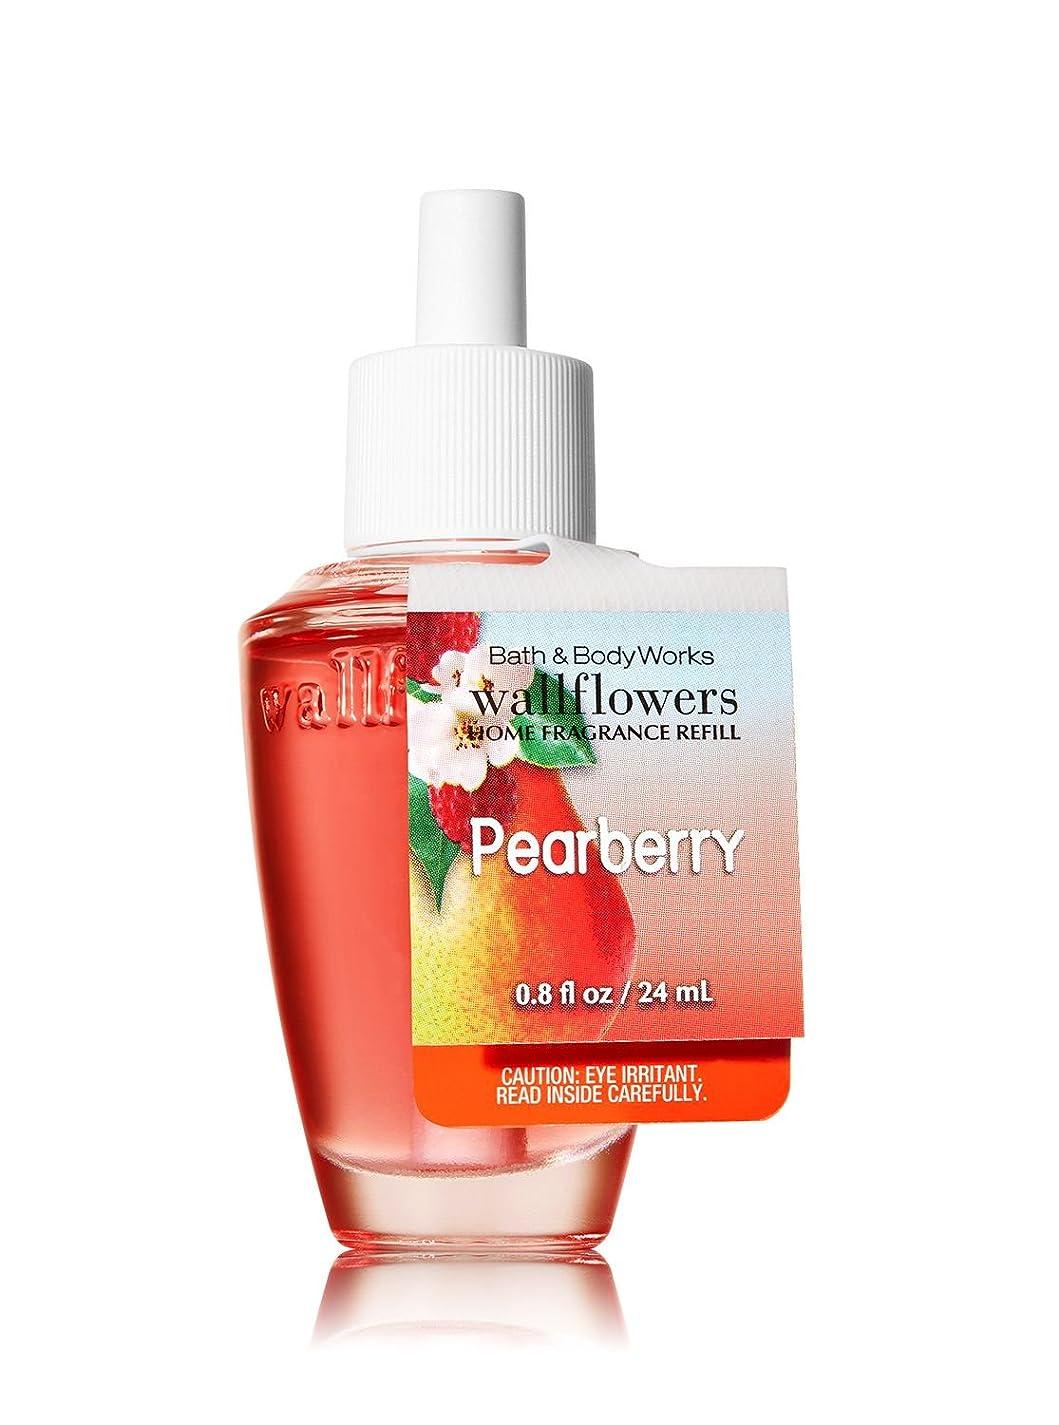 ペッカディロシエスタテザー【Bath&Body Works/バス&ボディワークス】 ルームフレグランス 詰替えリフィル ペアベリー Wallflowers Home Fragrance Refill Pearberry [並行輸入品]